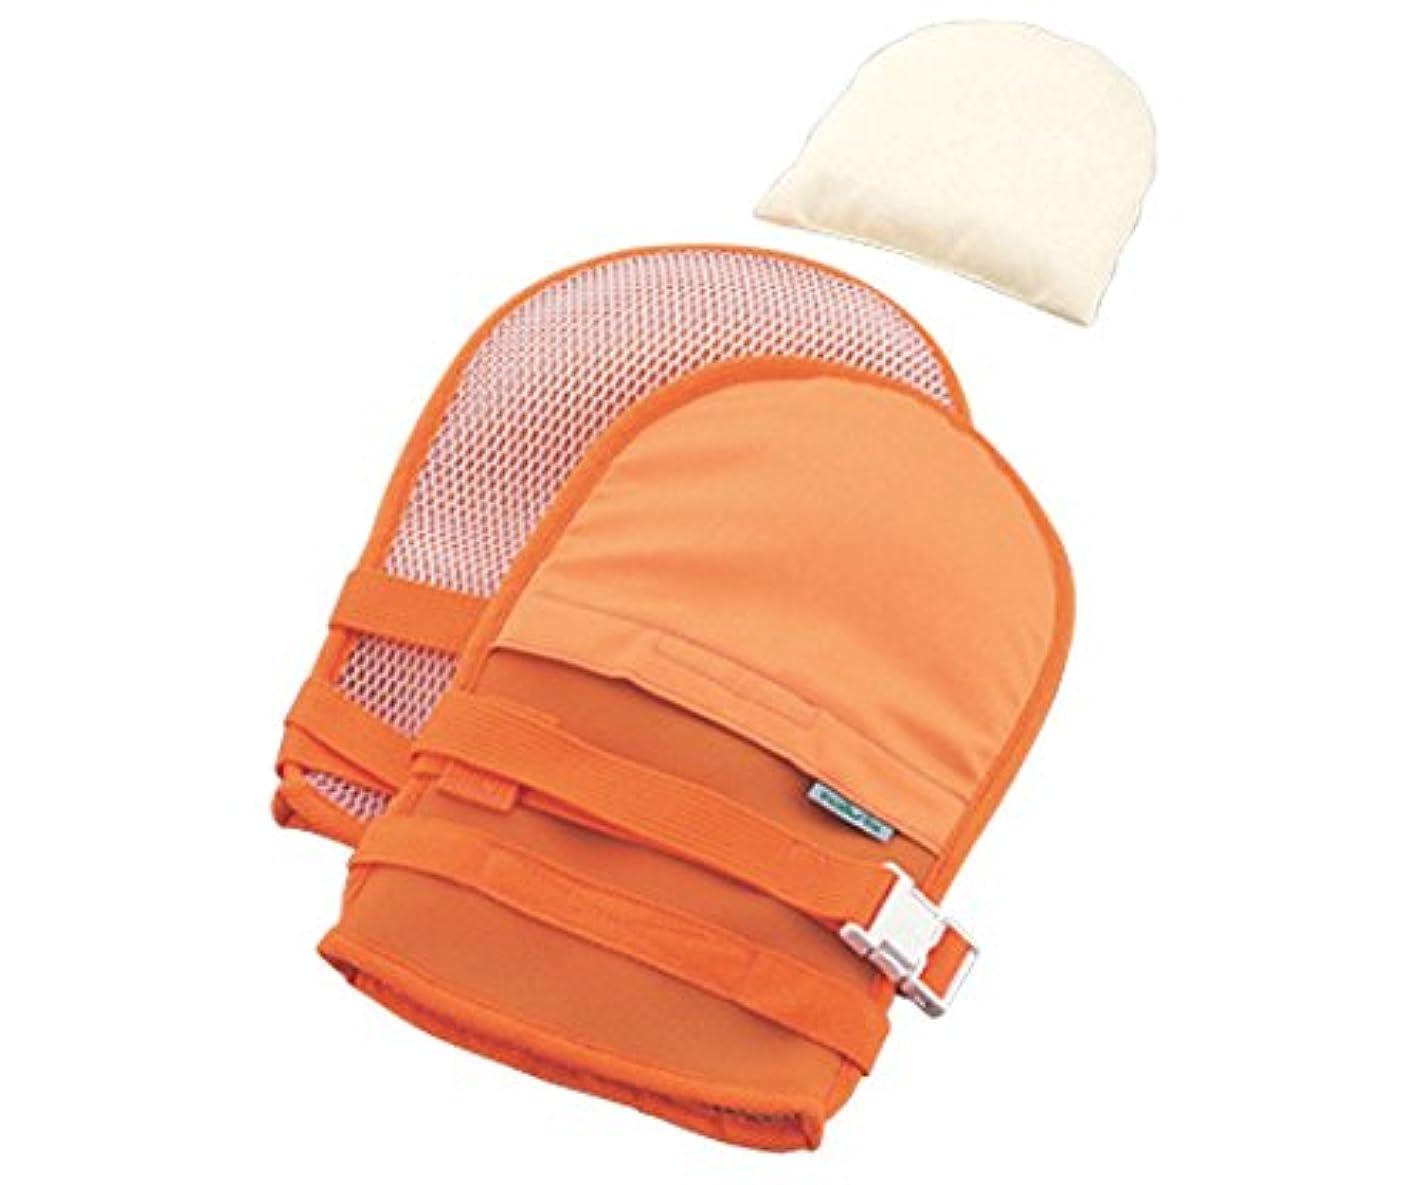 平手打ち静かに拡散する抜管防止手袋 中オレンジ /0-1638-42